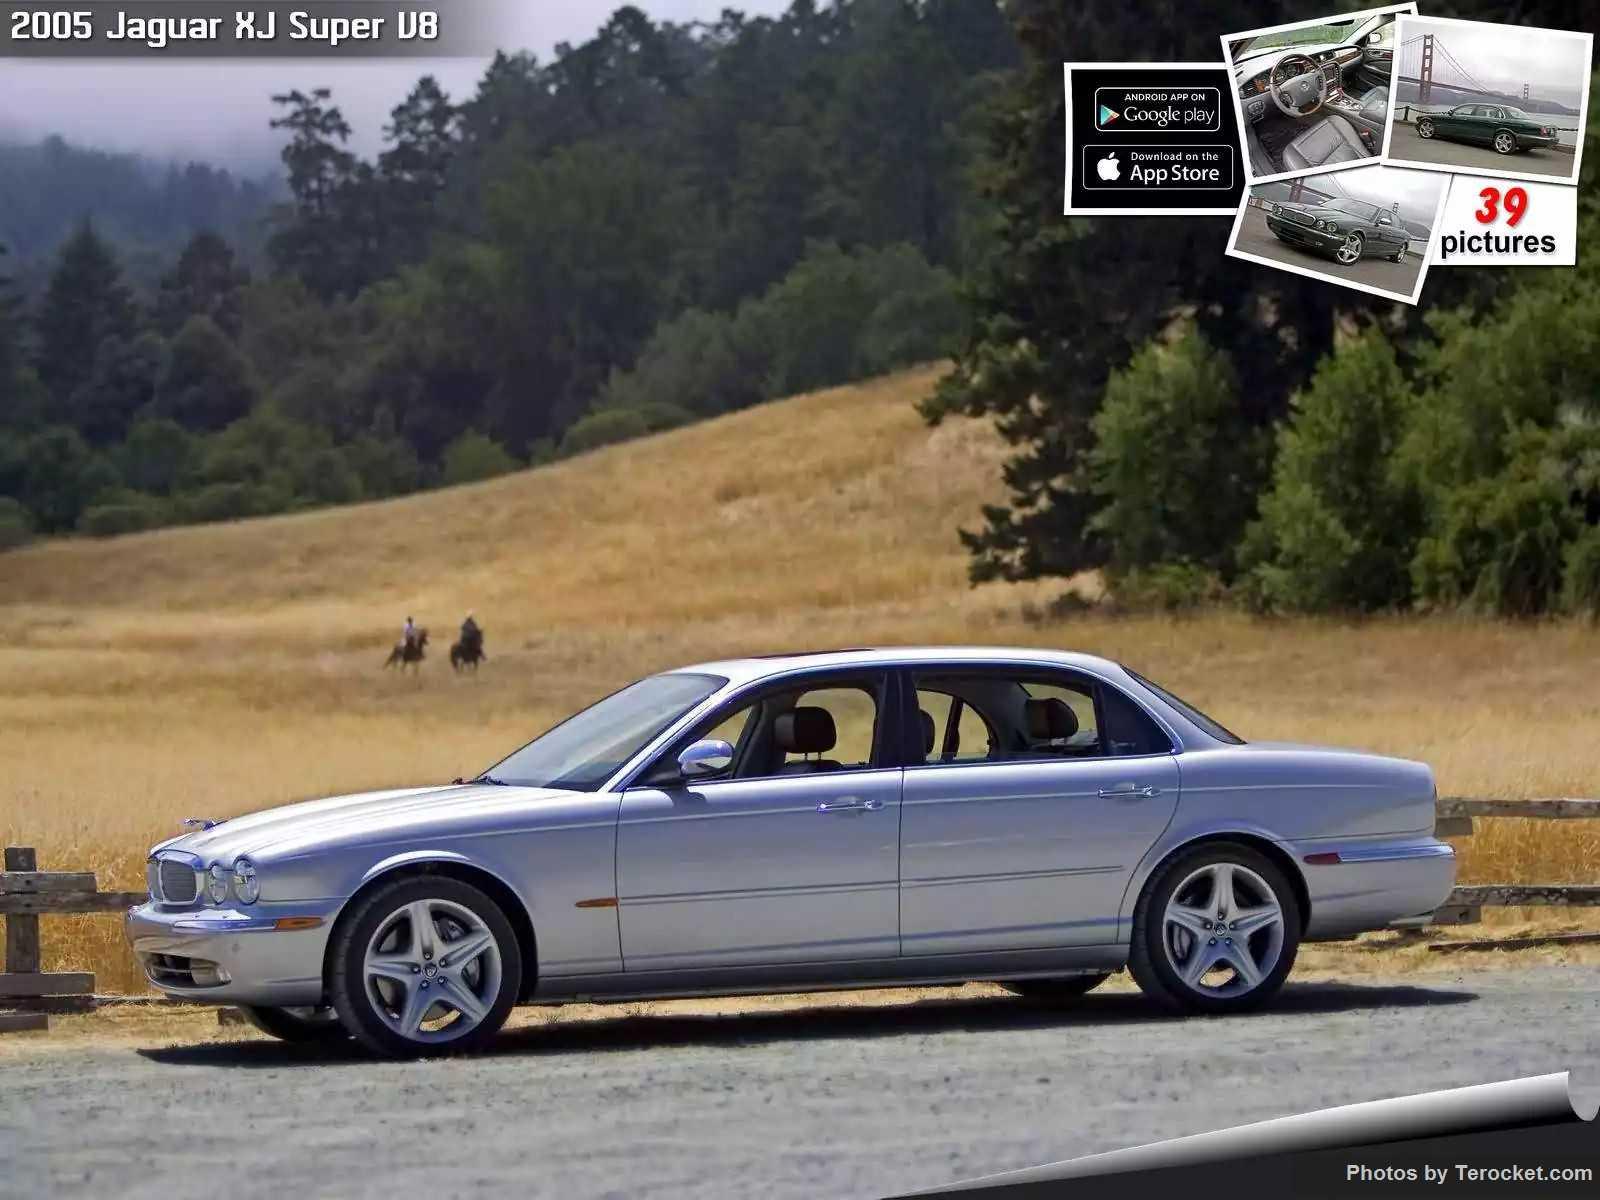 Hình ảnh xe ô tô Jaguar XJ Super V8 2005 & nội ngoại thất